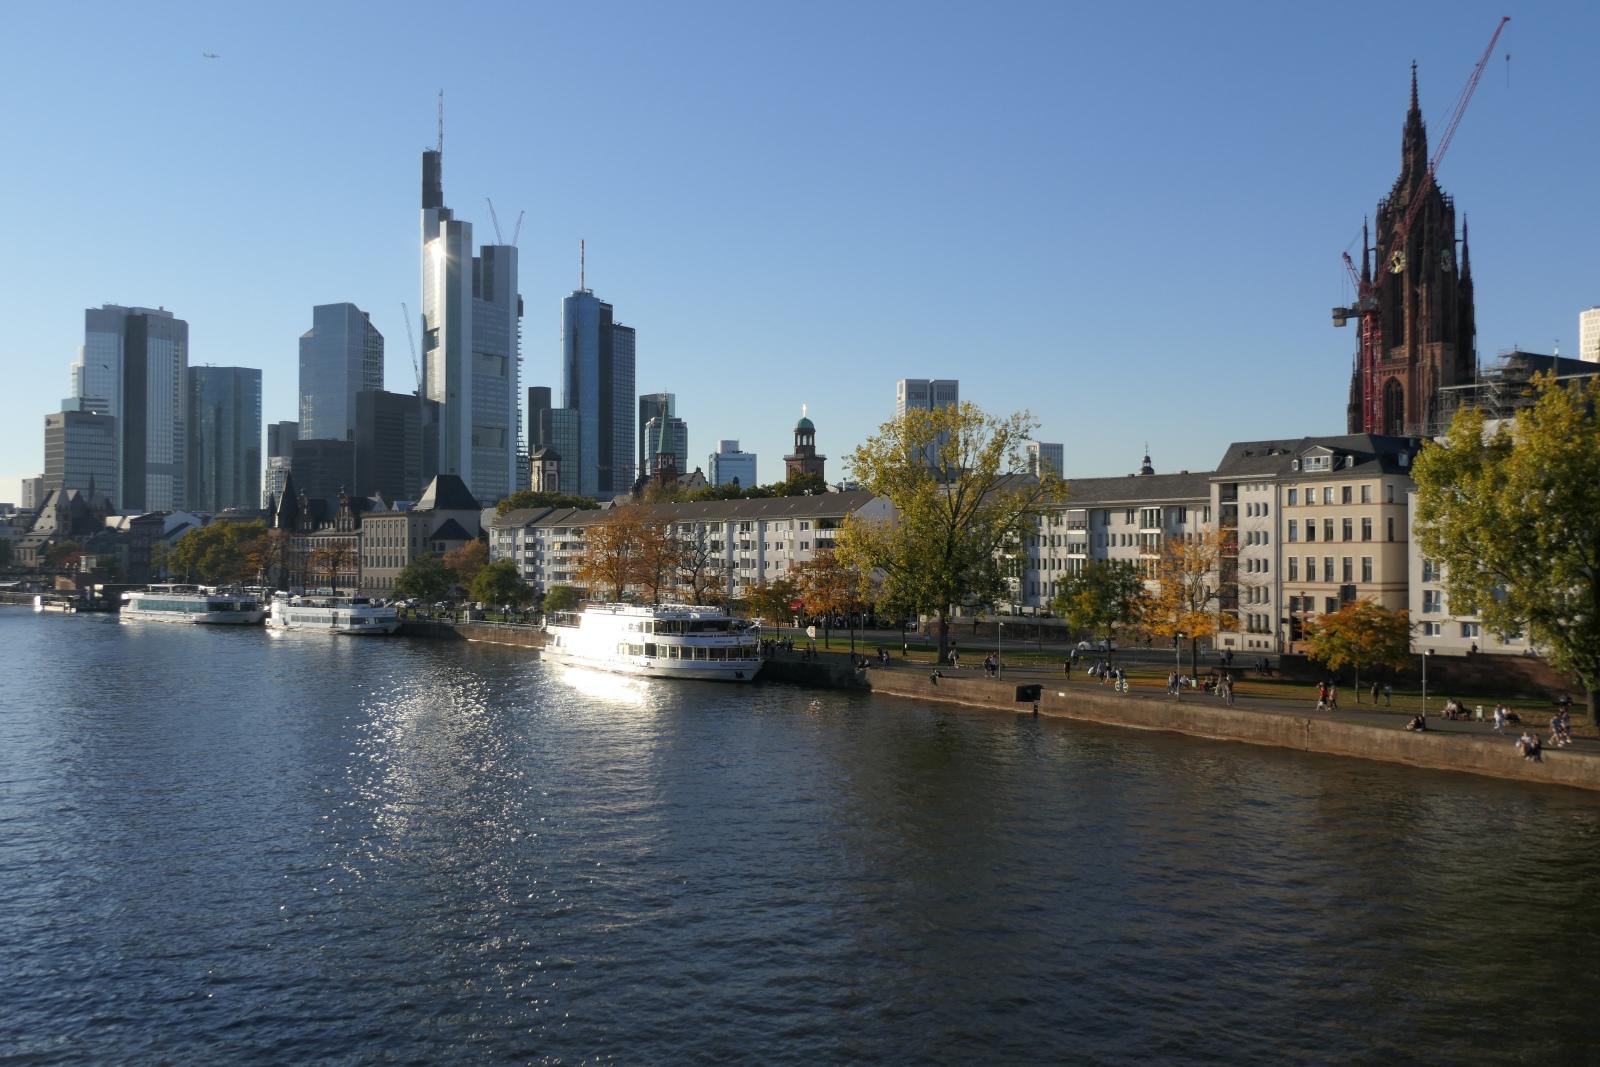 Dom, Main und Skyline - Frankfurt im goldenen Oktober